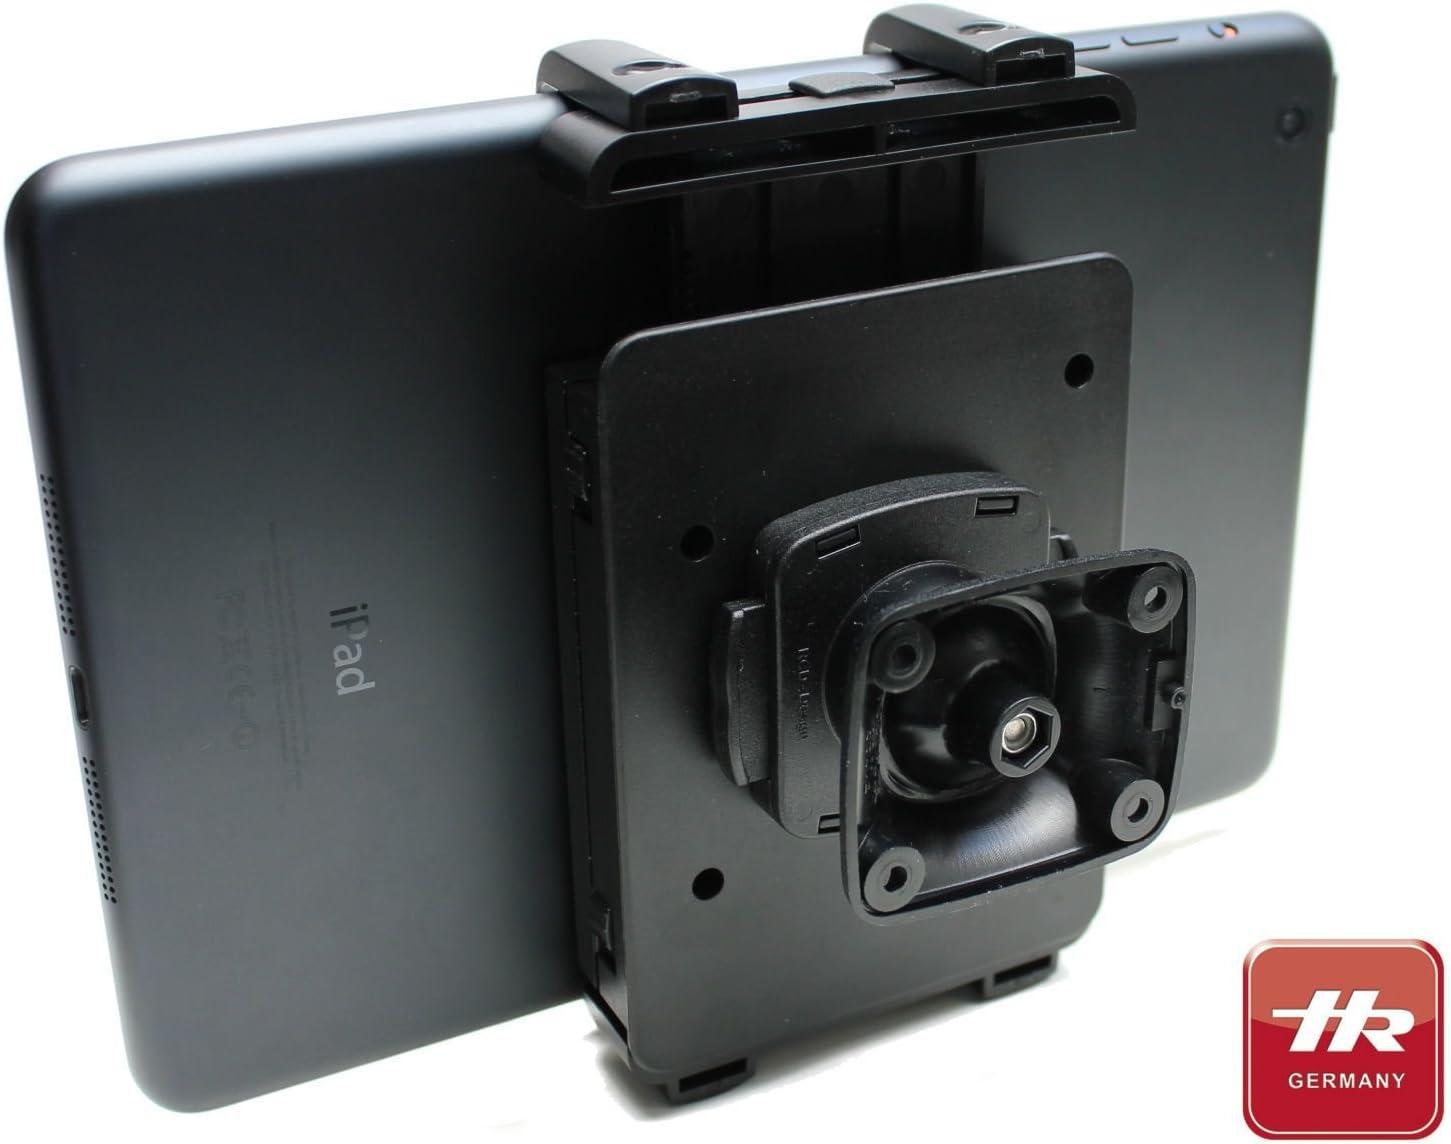 KRS – phap4 – Coche Consola Pad Tablet Soporte Mount para Tablet/iPad Air/iPad/iPad Mini/TFT/7.0